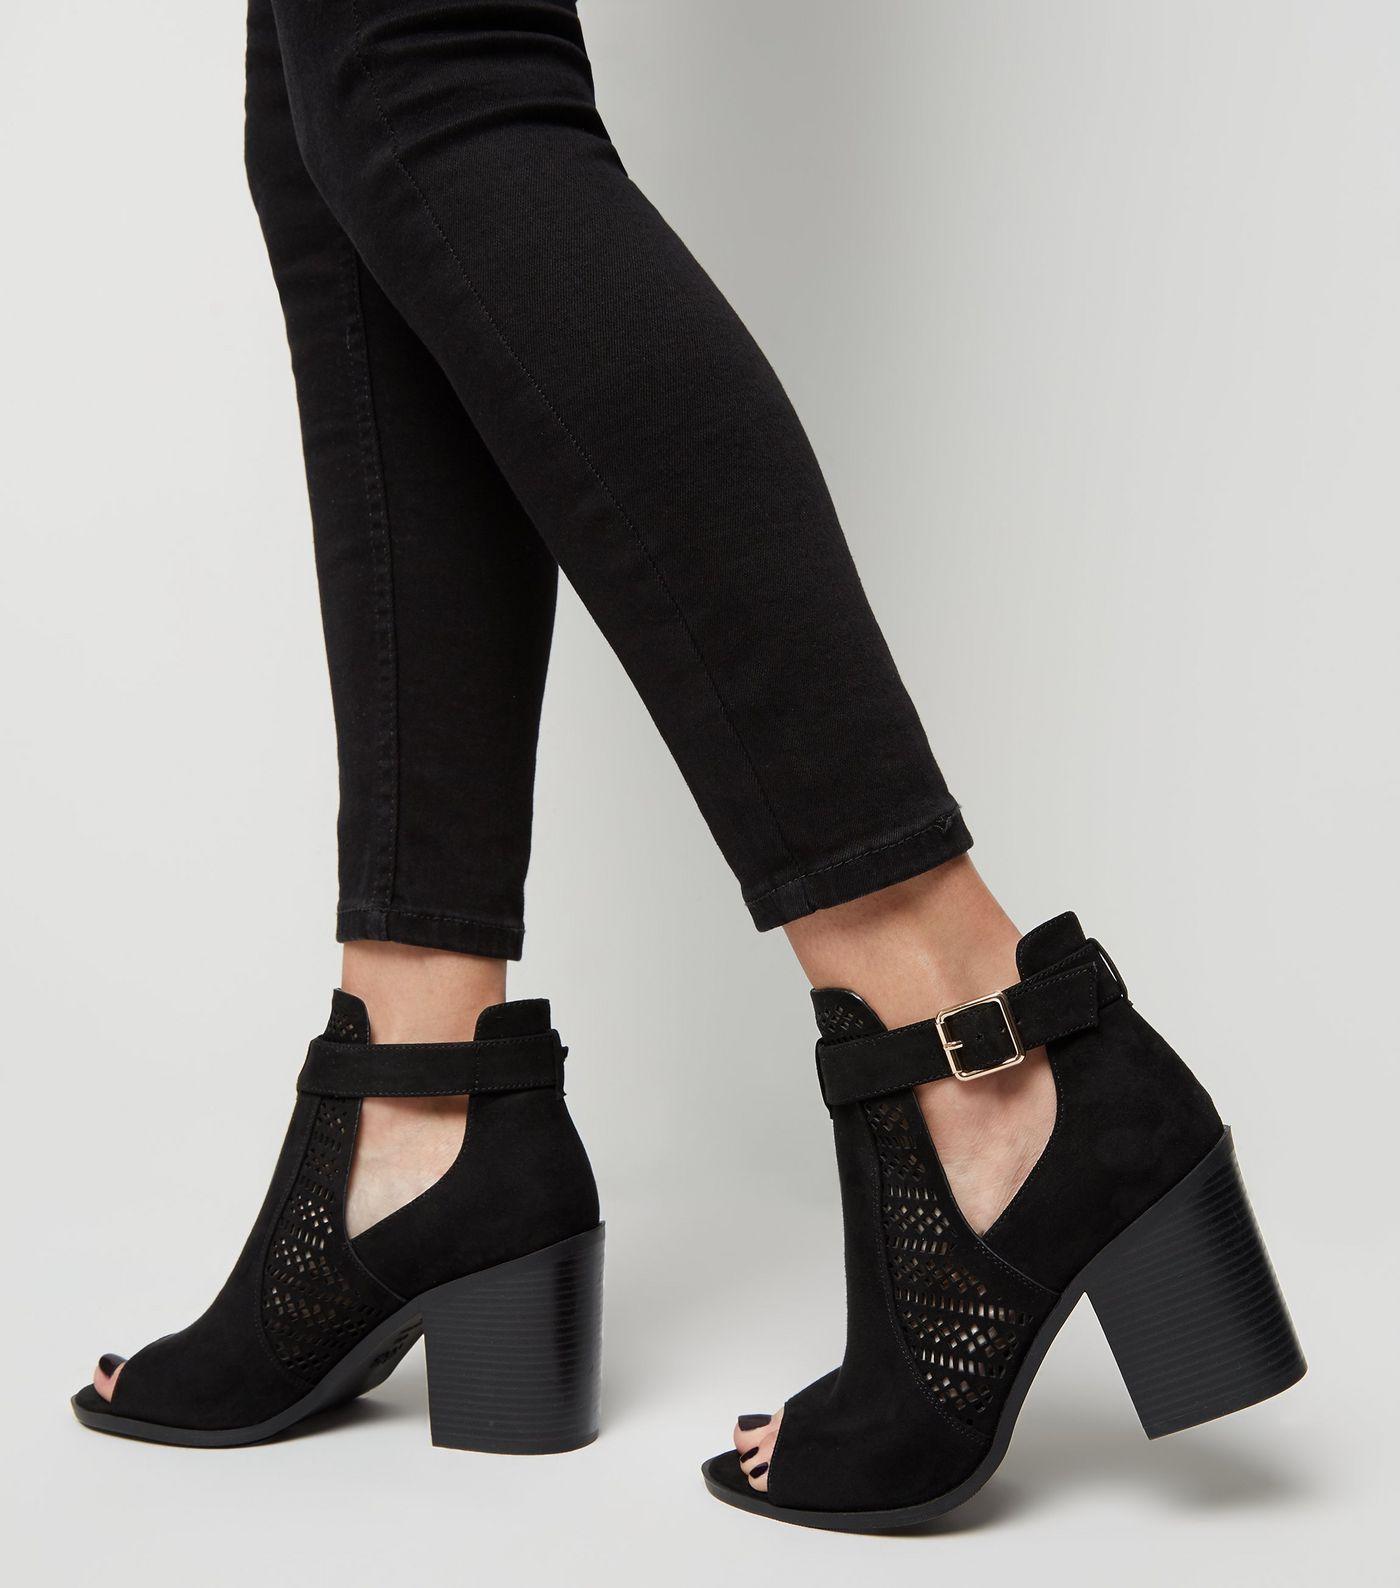 cbf025fbdfb Wide Fit Black Suedette Cut Out Block Heels in 2019   Обувь   Block ...